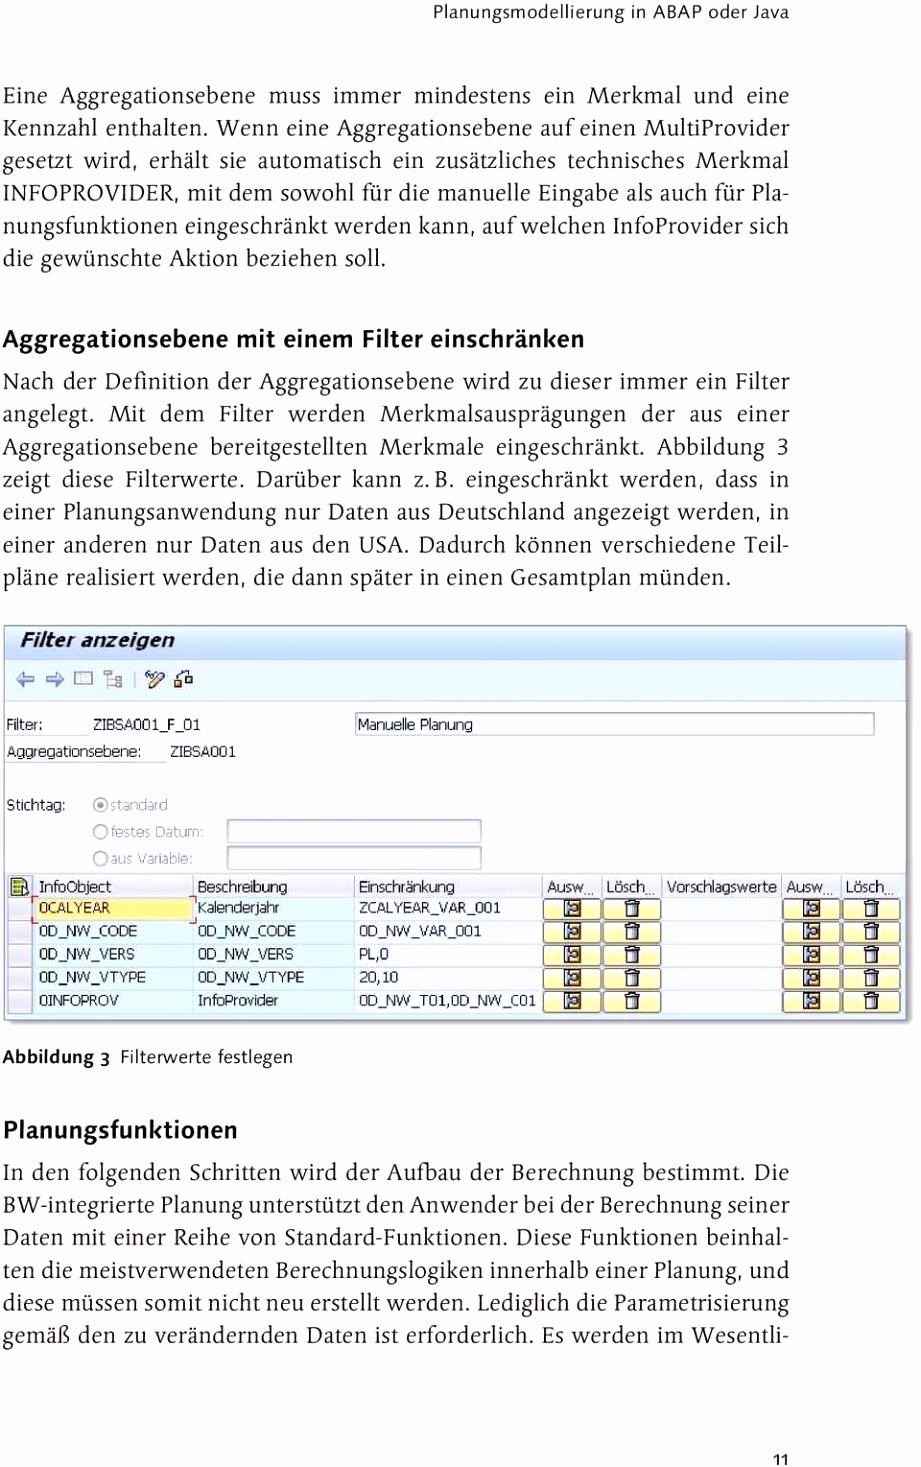 Risikoanalyse Geldwasche Vorlage Risikoanalyse Vorlage Elegant Risikoanalyse Vorlage Die Besten Q7uf26ssk4 Z6qcvsrhh6